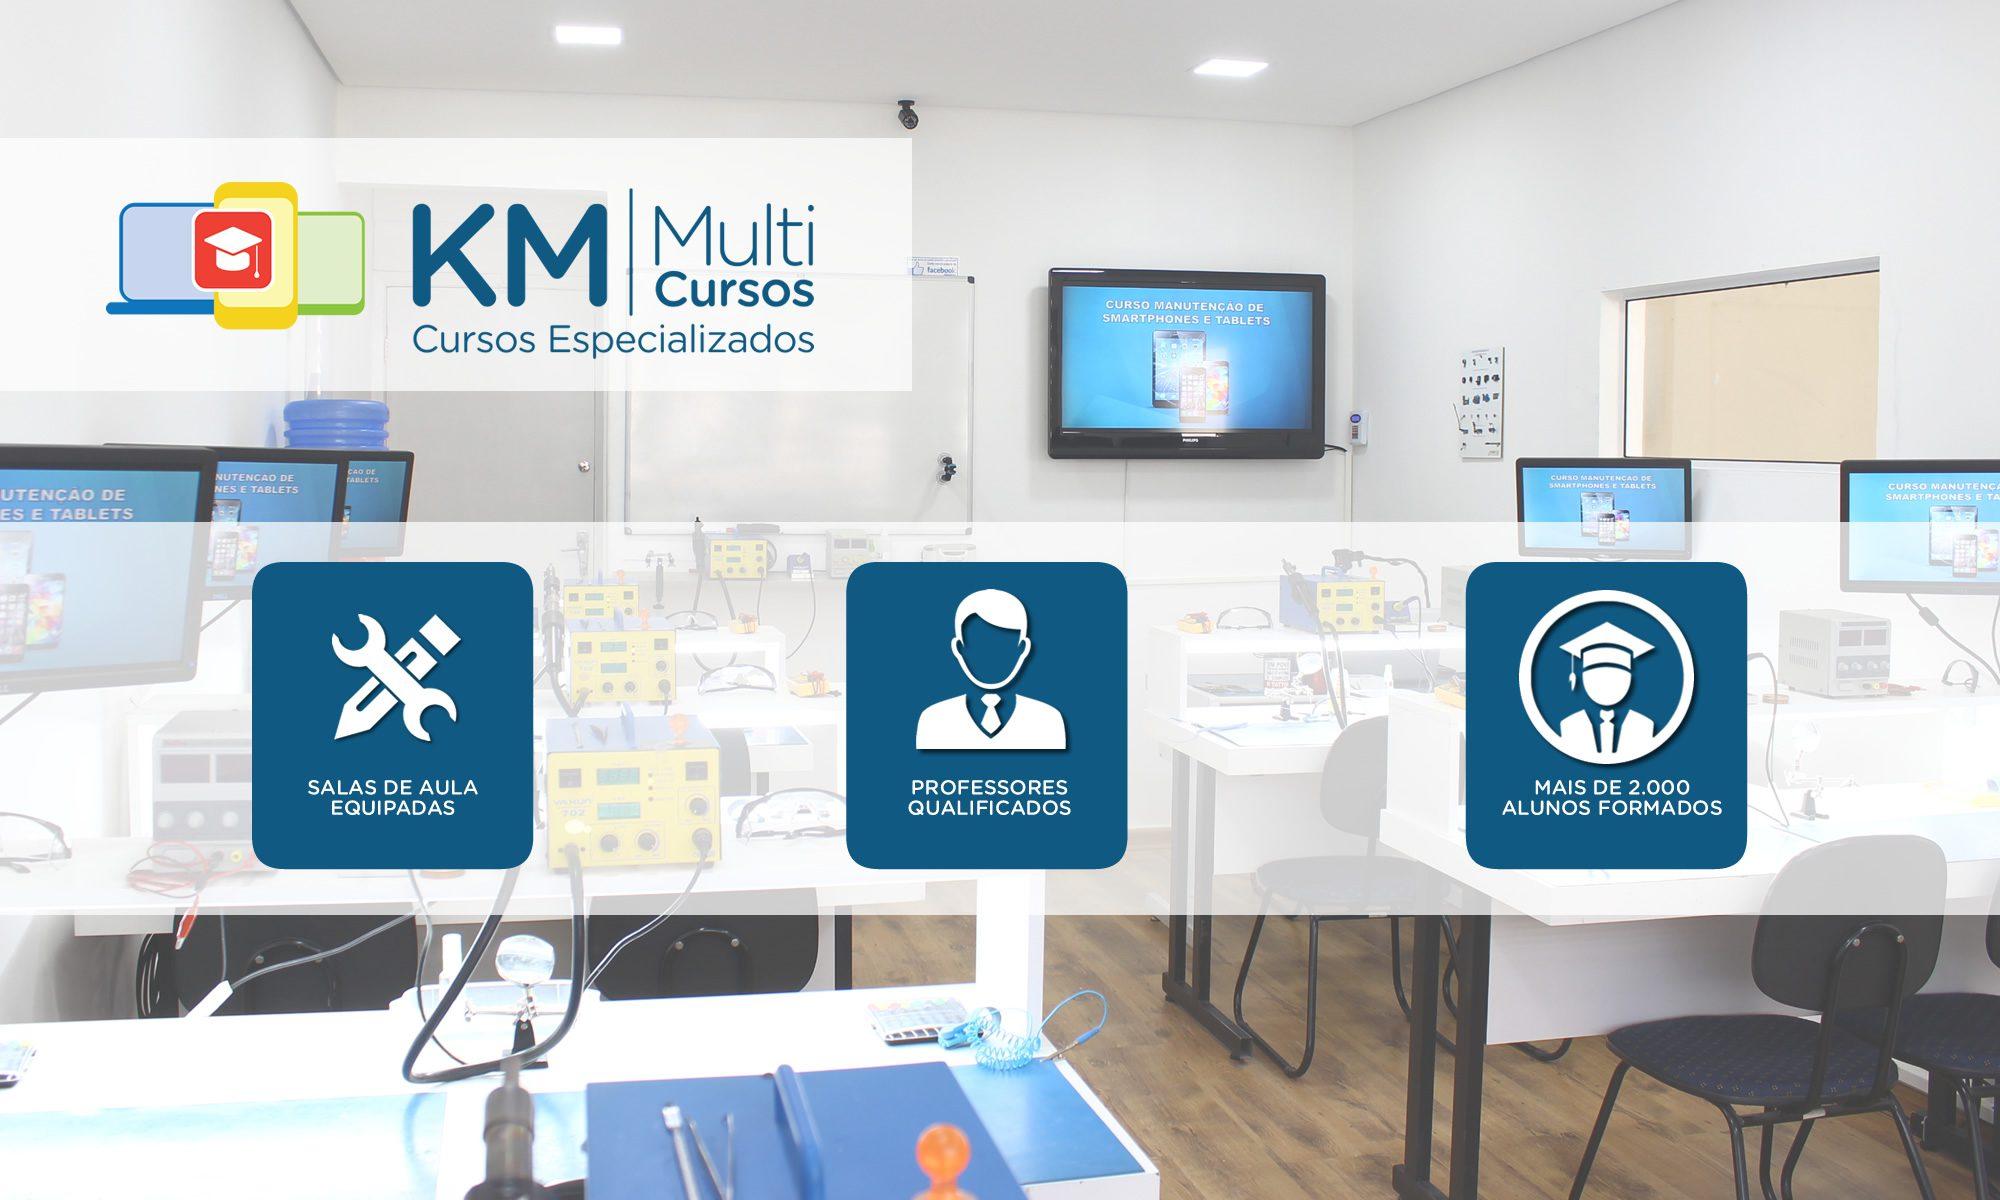 KM Multi Cursos